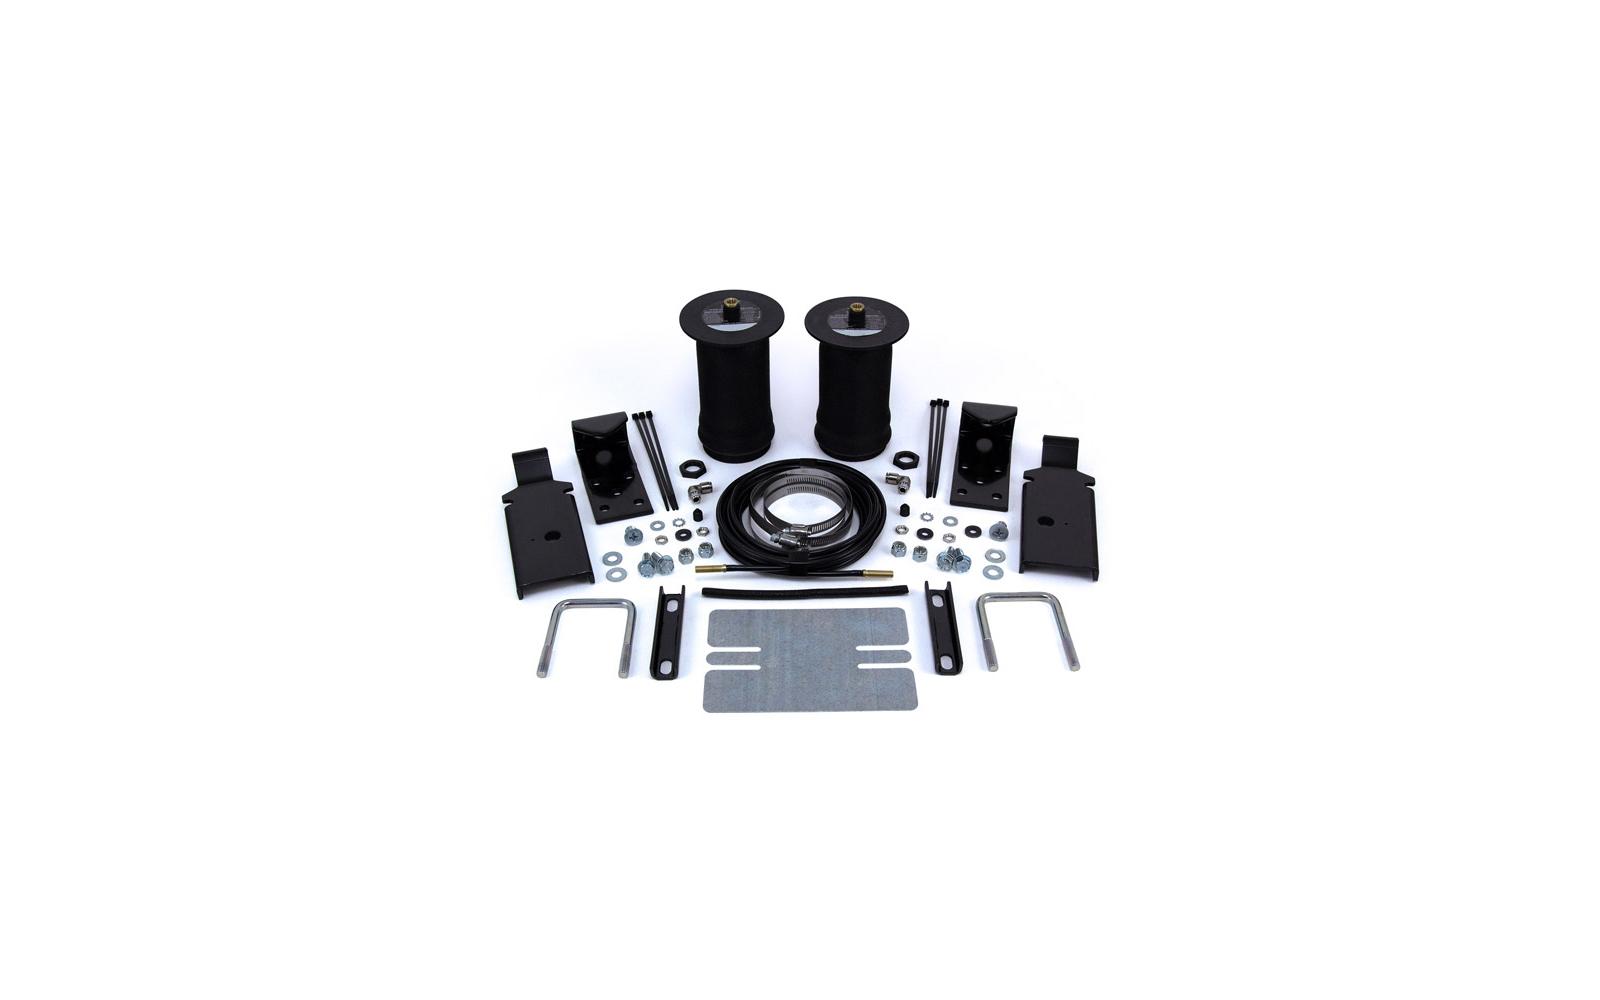 AIR LIFT 59527 Ride Control Rear Air Spring Kit